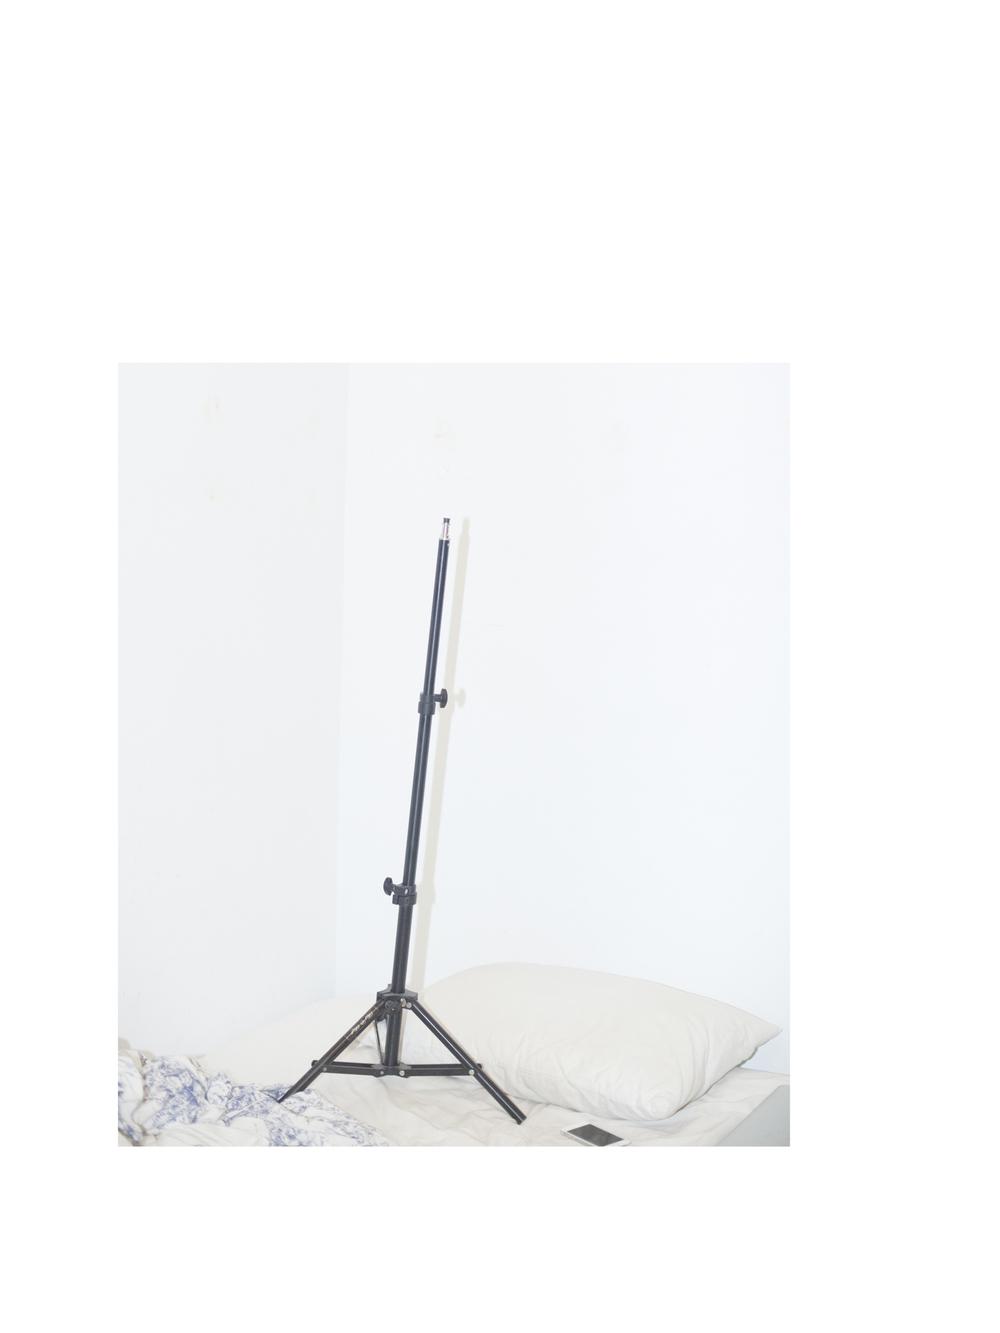 5 light stand.jpg